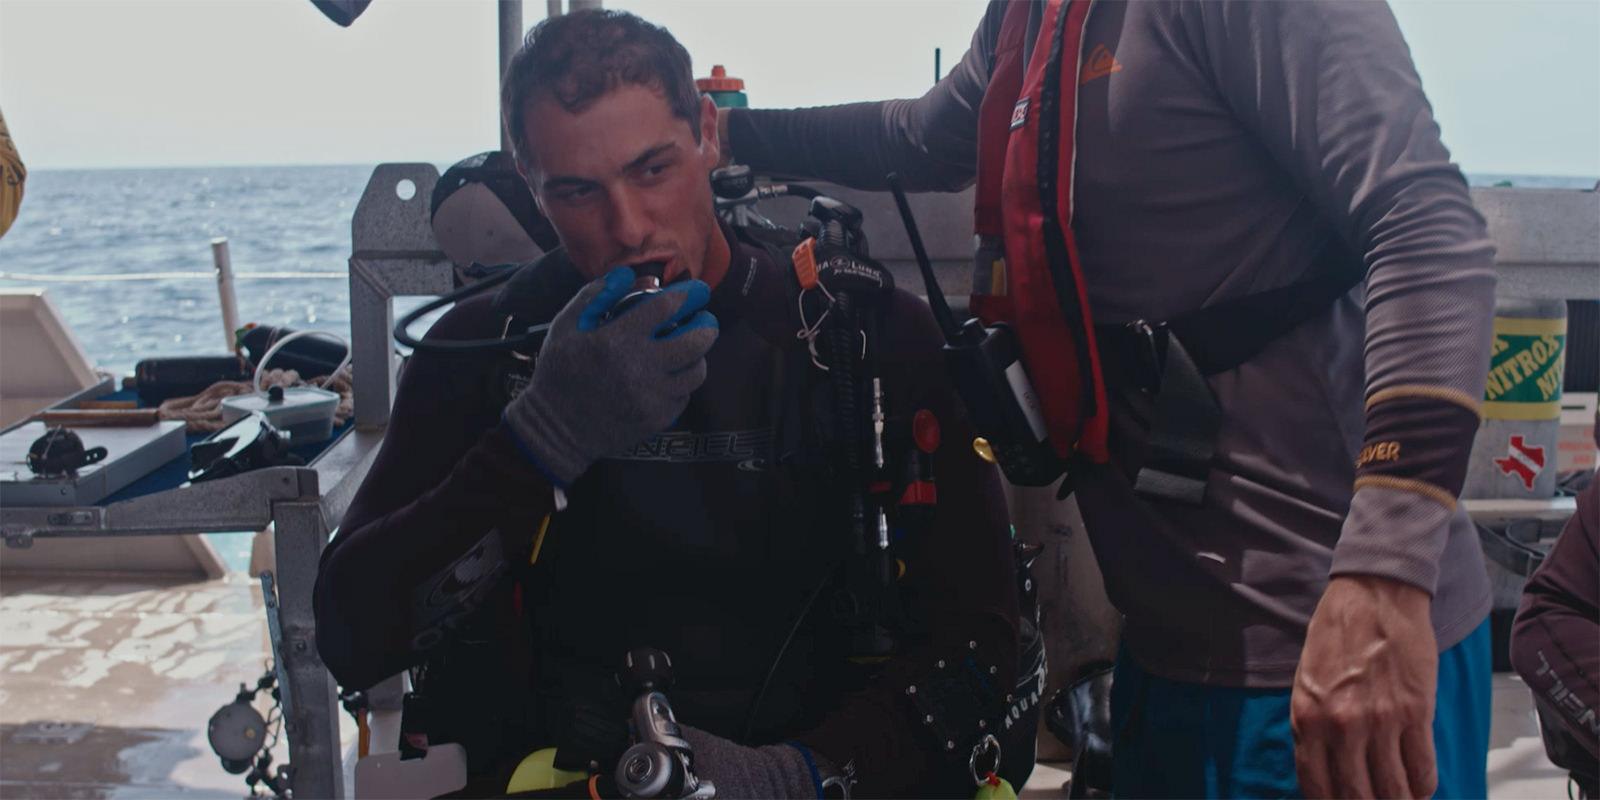 dustin picard wearing scuba gear